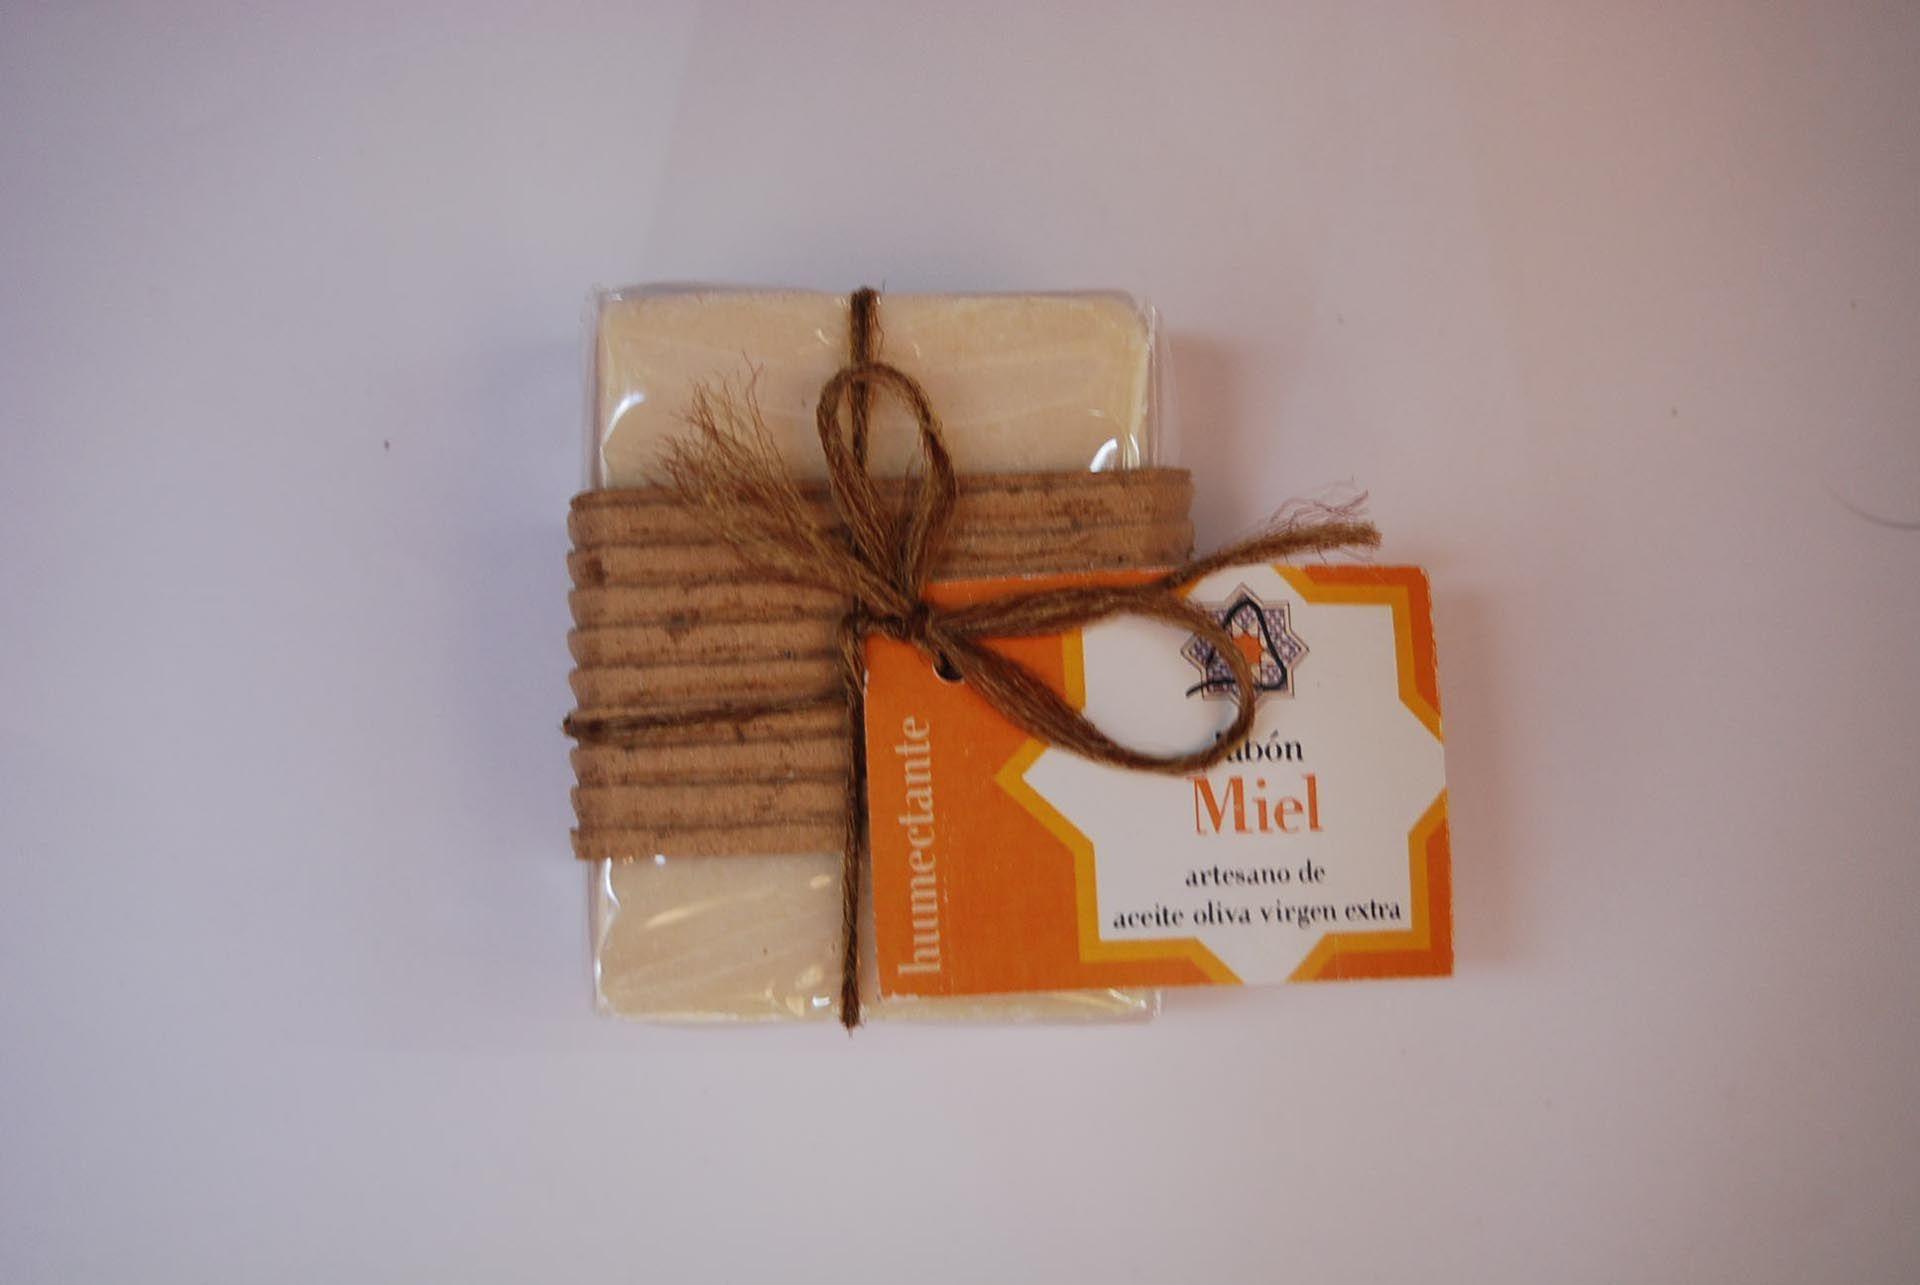 Jabón artesano de miel: Productos de Arahí